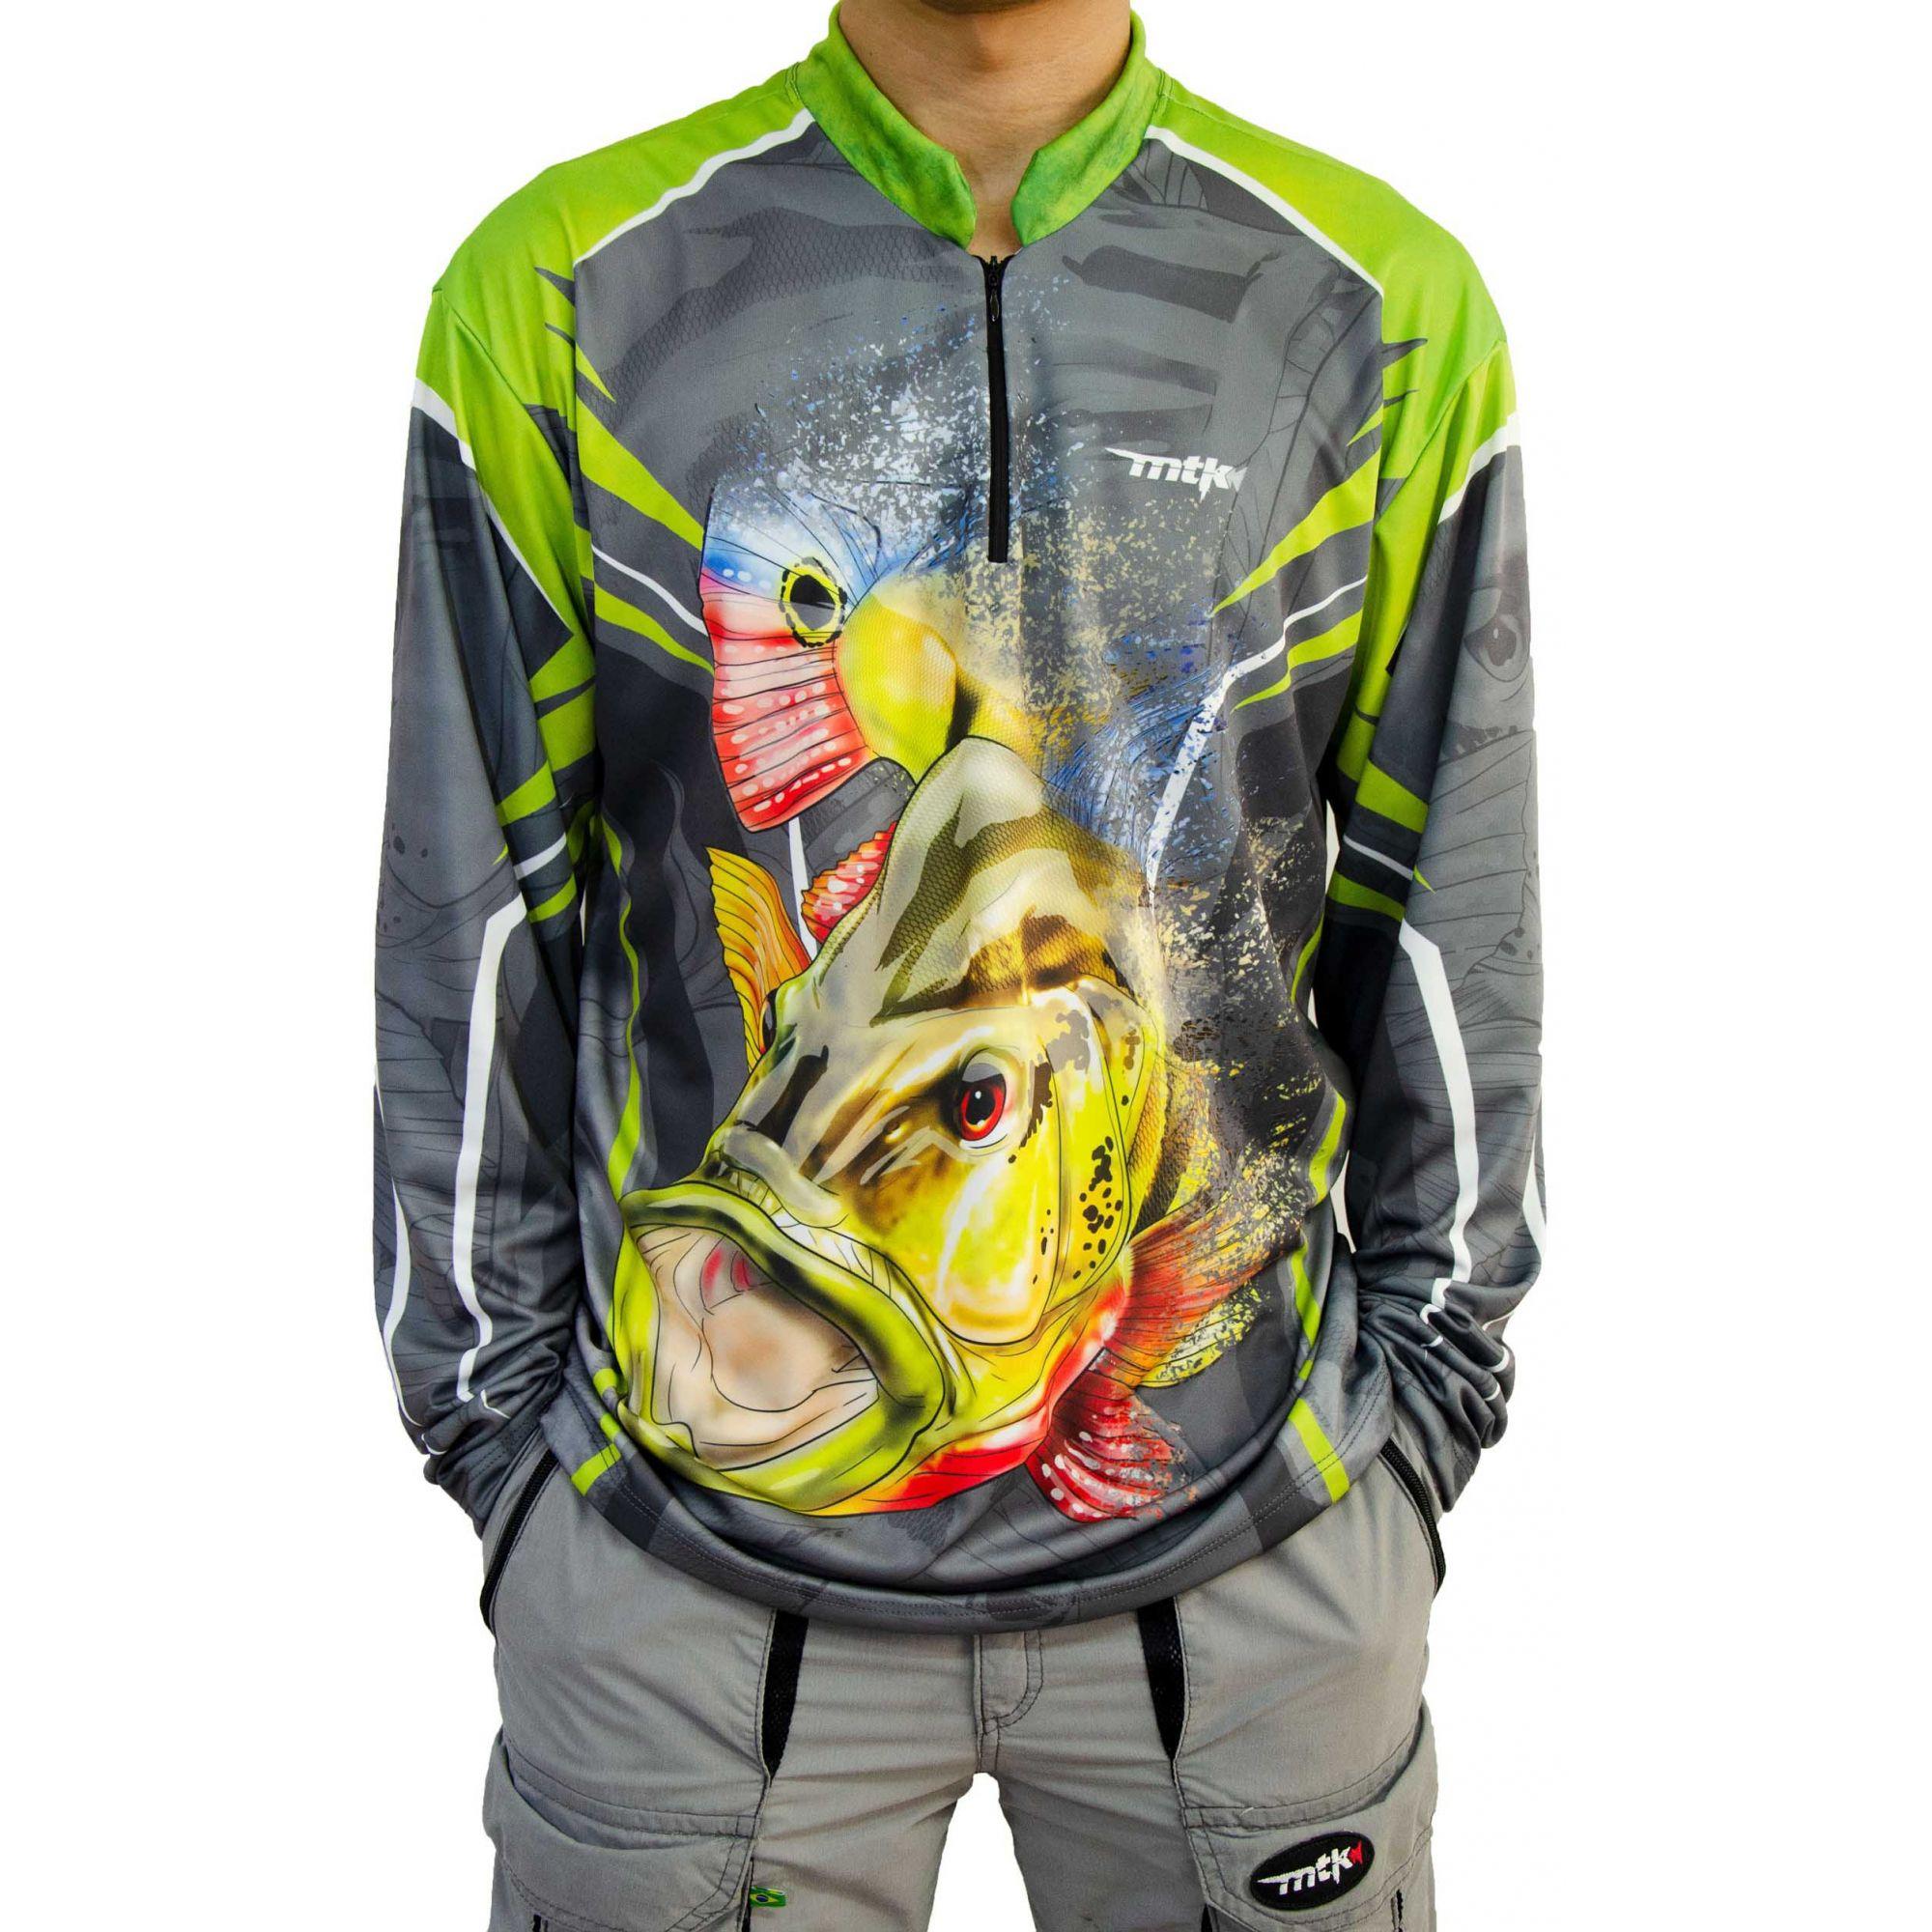 Camiseta De Pesca Mtk Atack Z - Protecao Solar Uv - Tucunaré Cinza 2301cb74e3889